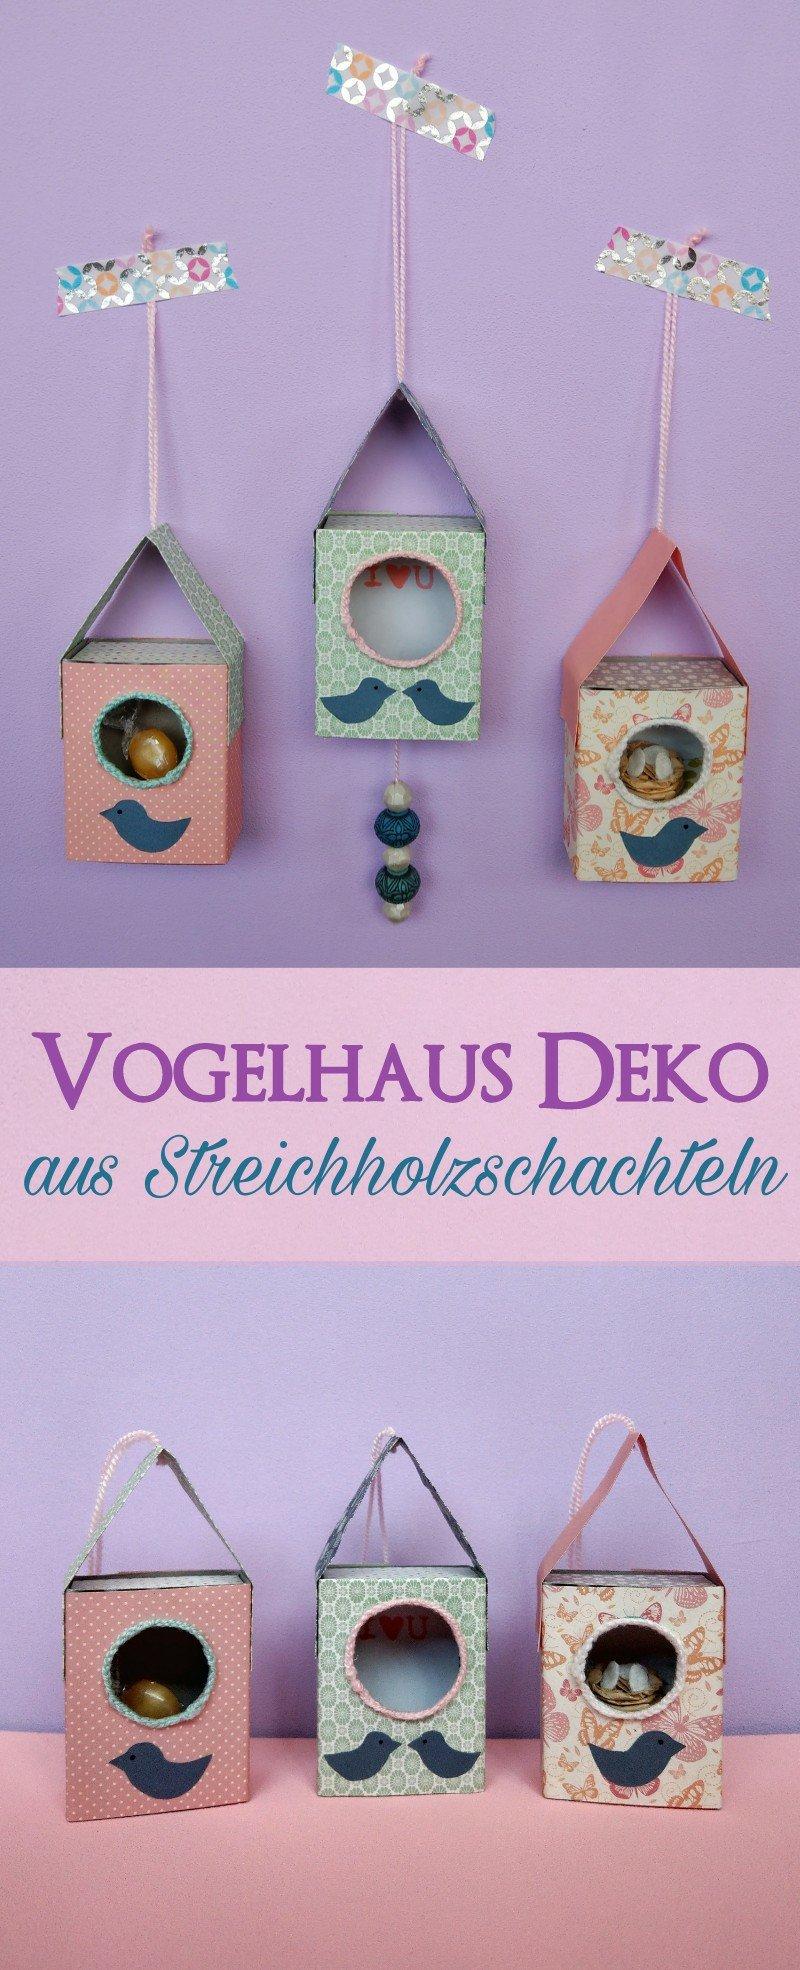 Vogelhaus aus Streichholzschachteln - süße Deko-Idee zum verschenken ...